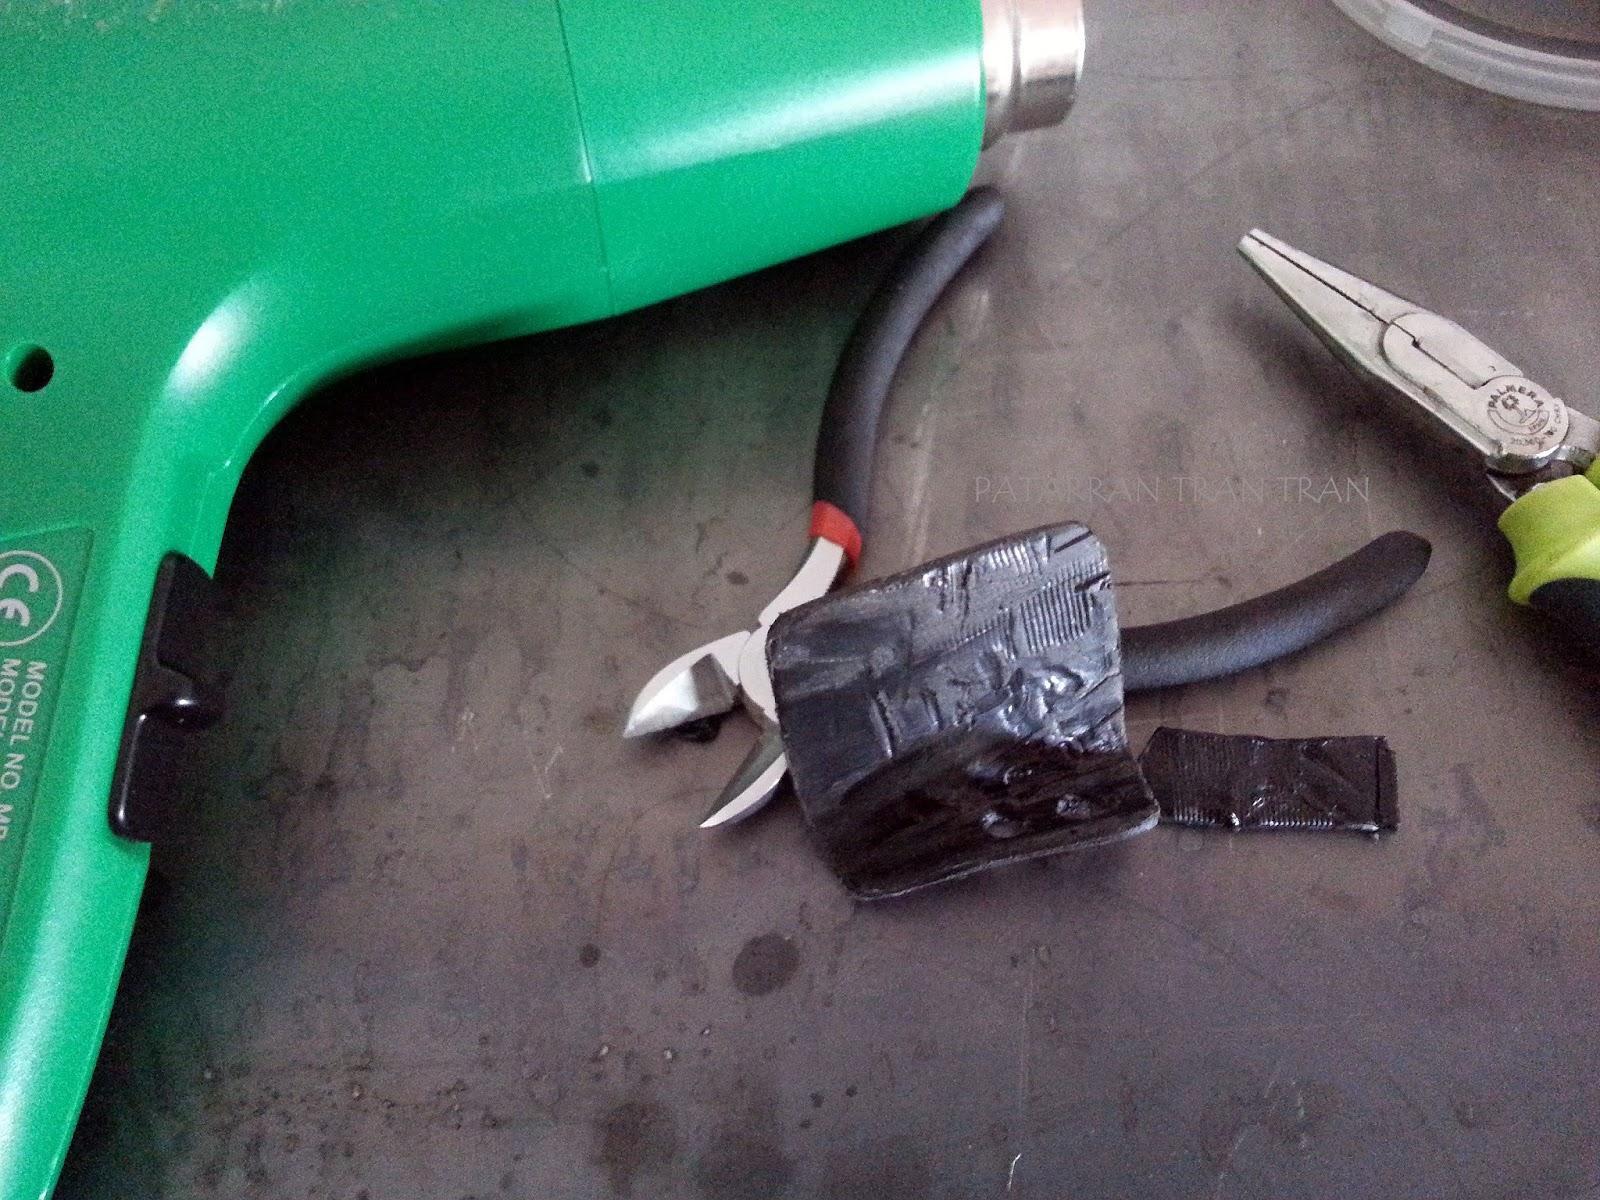 Beta RR 300. Pata de freno trasero. Proteccion casera para tapa de embrague.